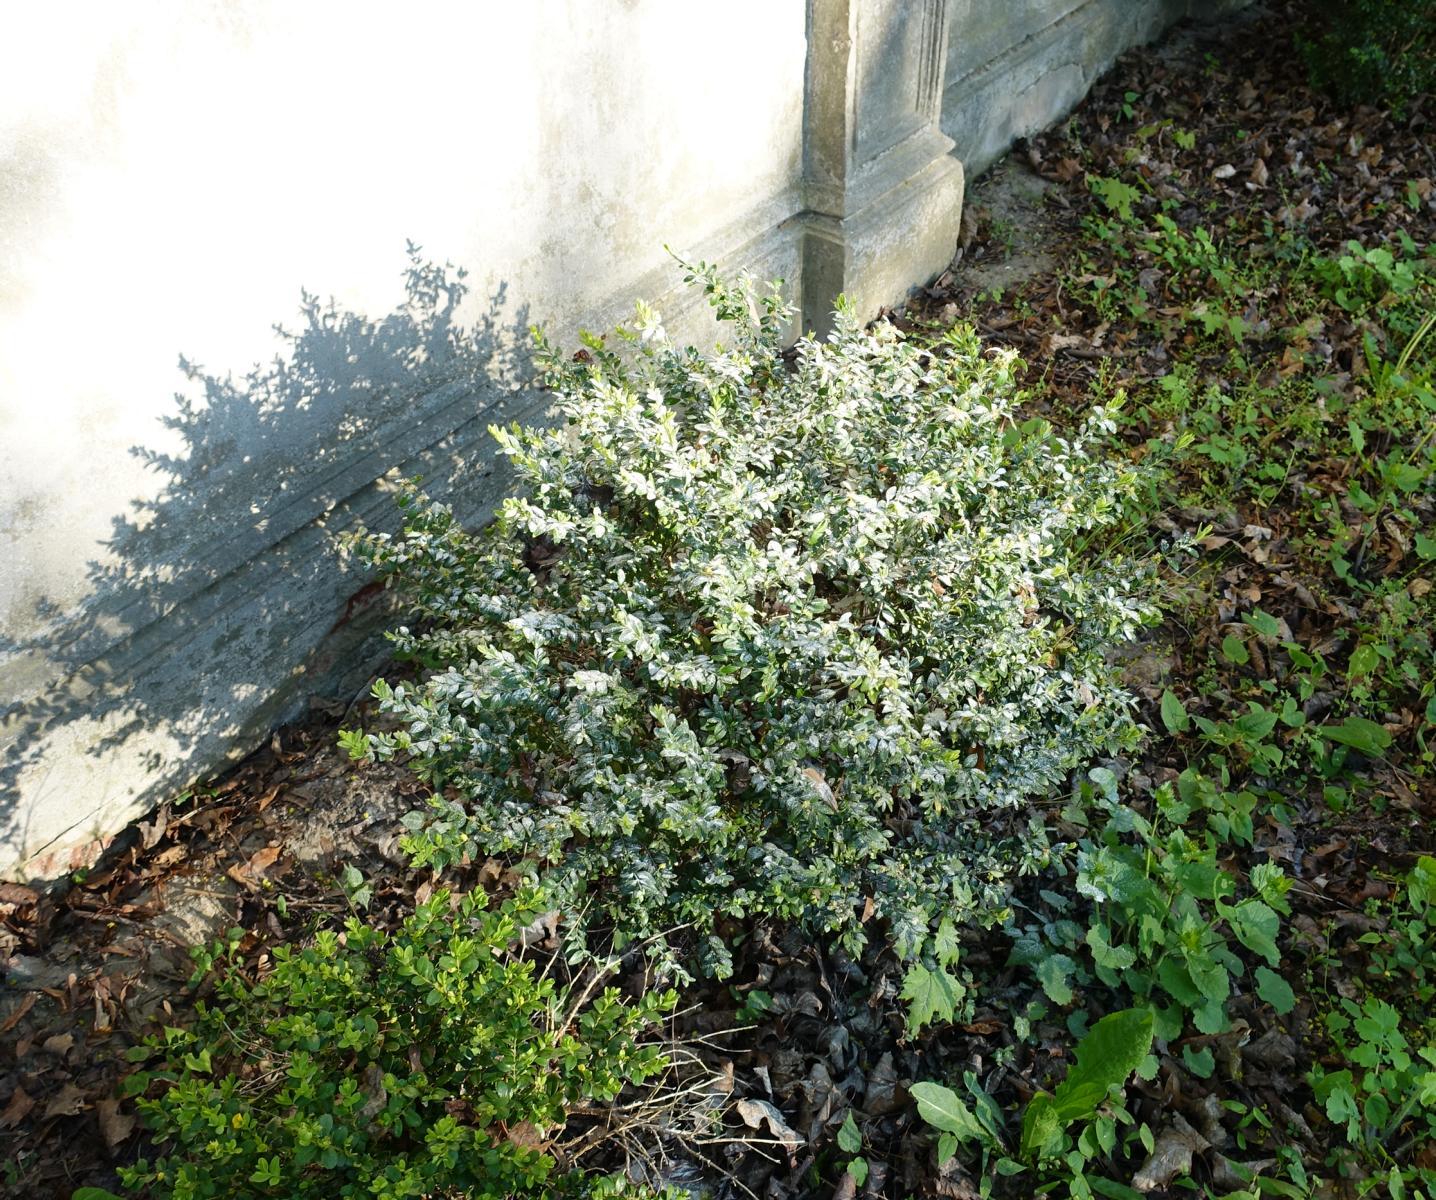 Algenkalk ist ein umstrittenes Mittel gegen den Buchsbaumzünsler und zur Stärkung des Buchsbaums